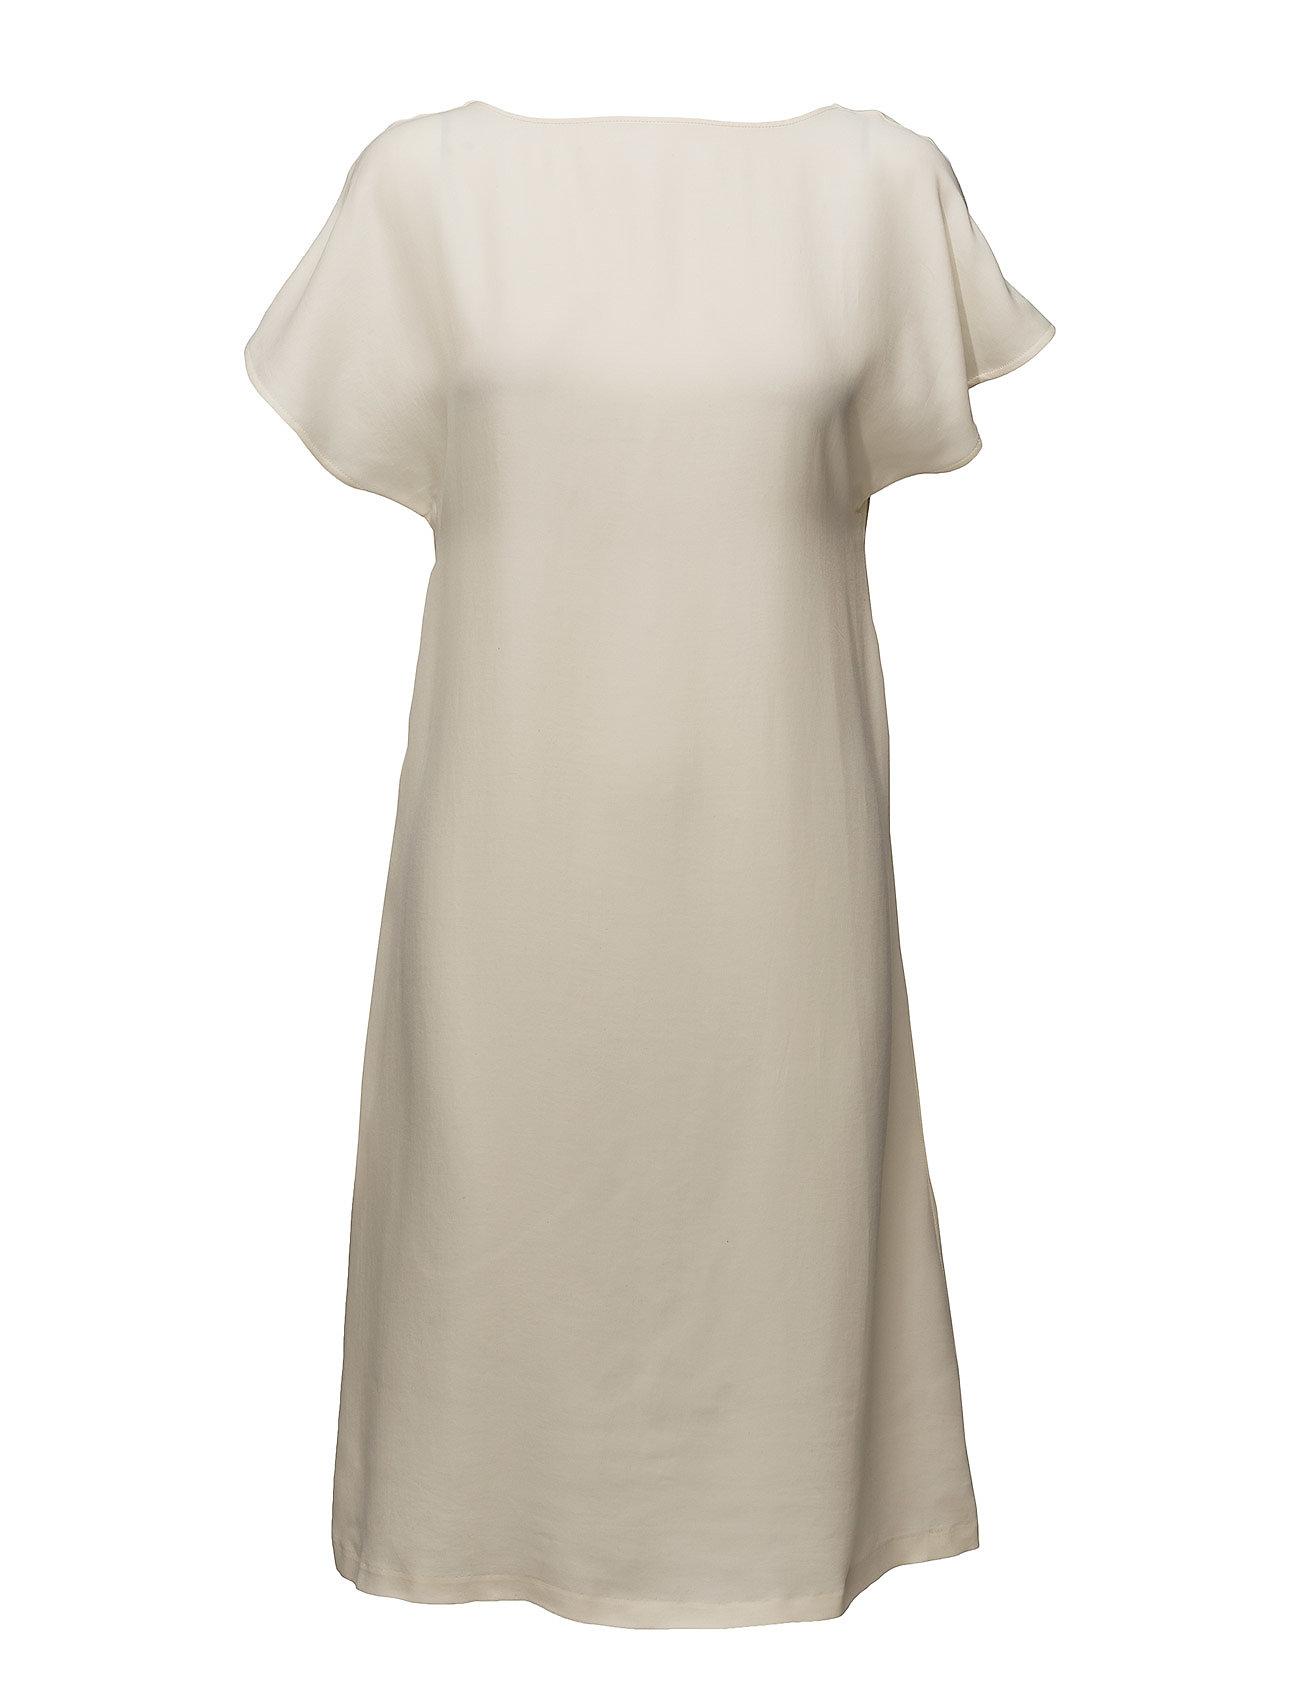 Deauville Dress - Morris Lady